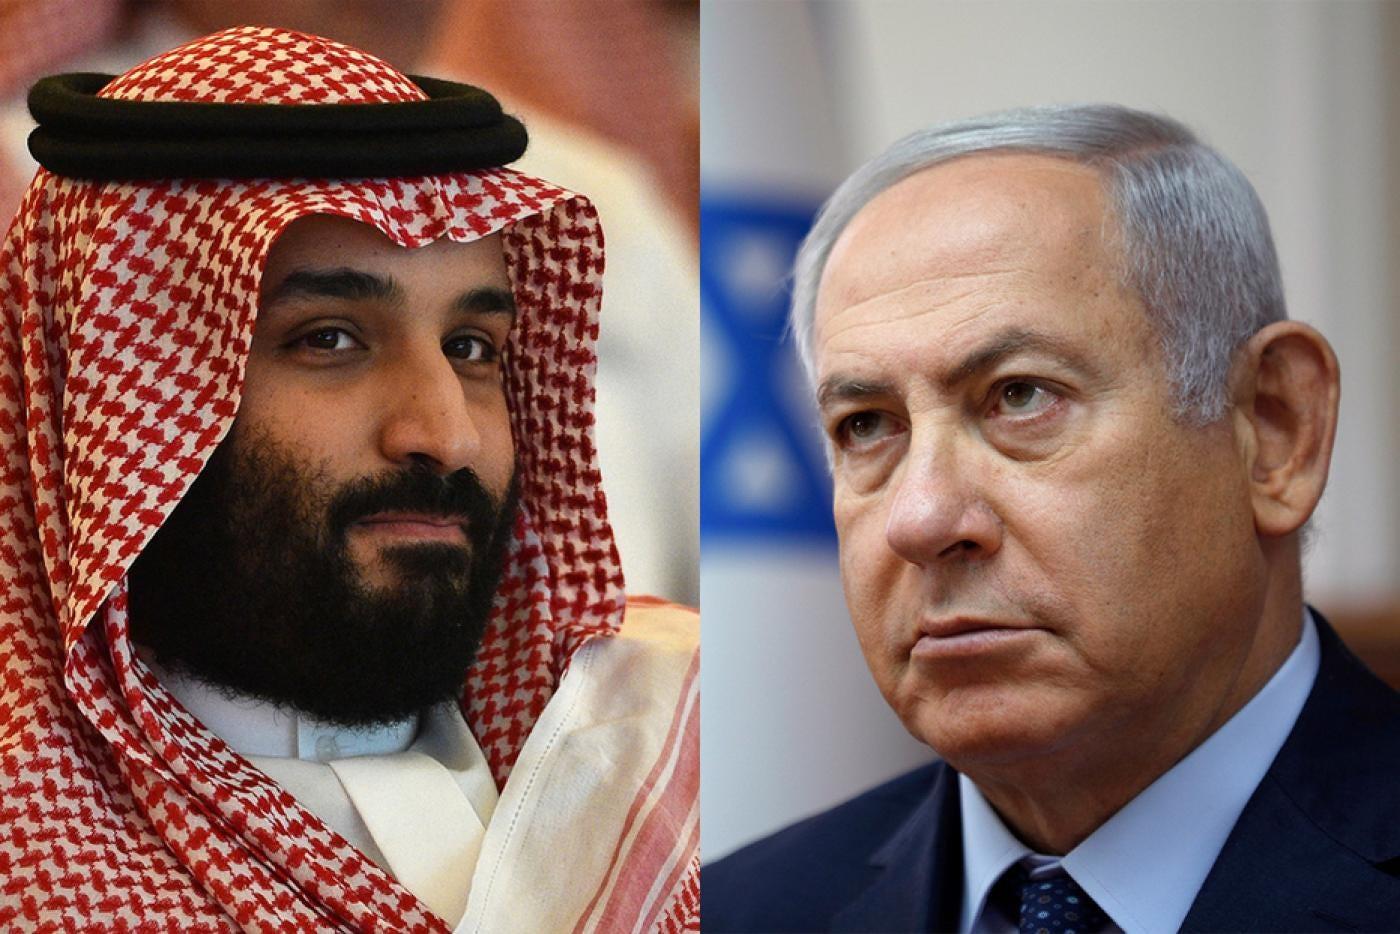 Why is Benjamin Netanyahu defending Mohammed bin Salman? | Middle East Eye